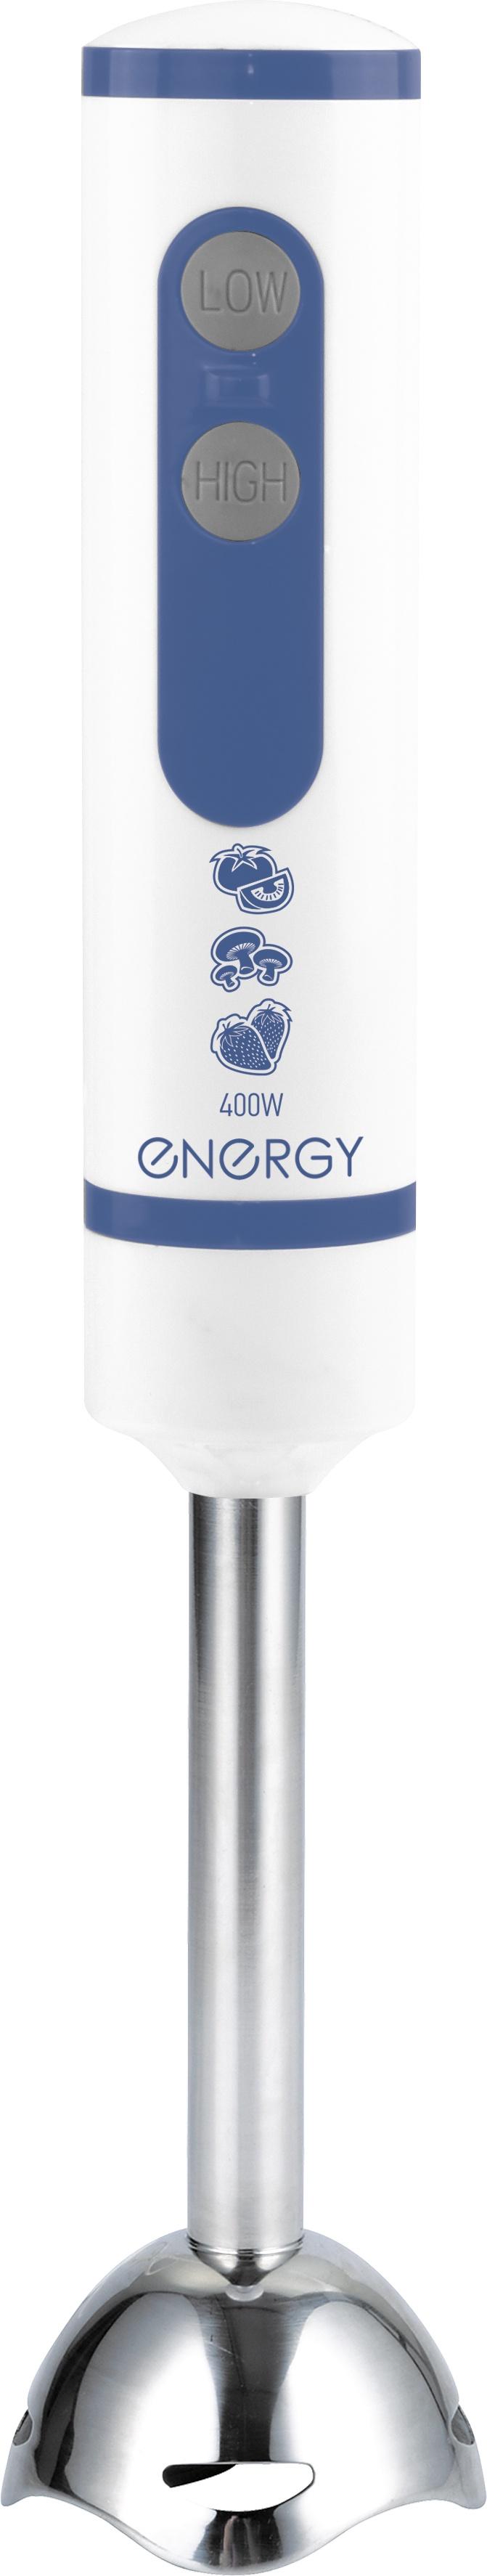 лучшая цена Блендер Energy EN-133 54 004649 погружной, белый